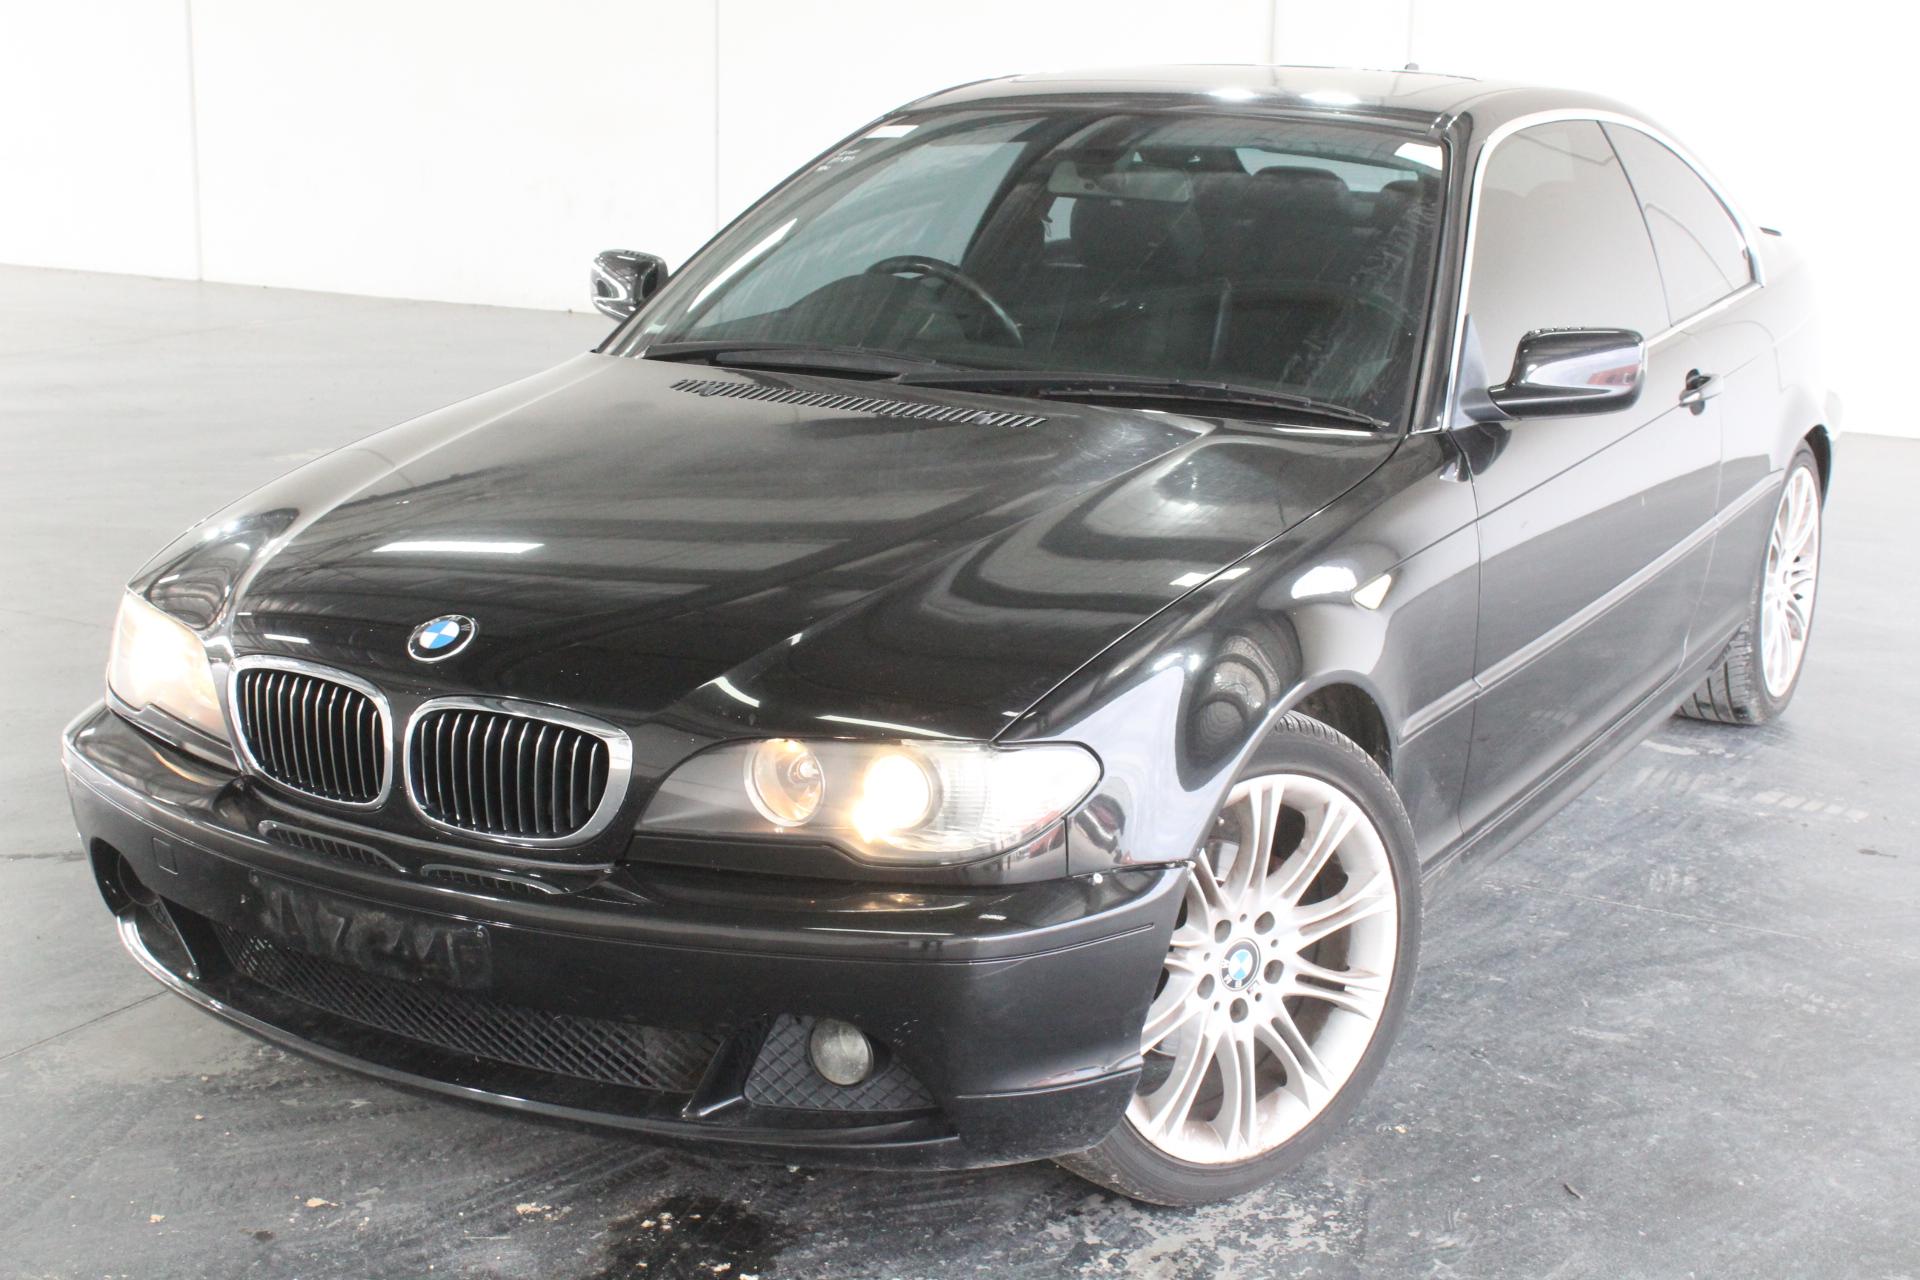 2003 BMW 320Ci 320CI E46 Automatic Coupe